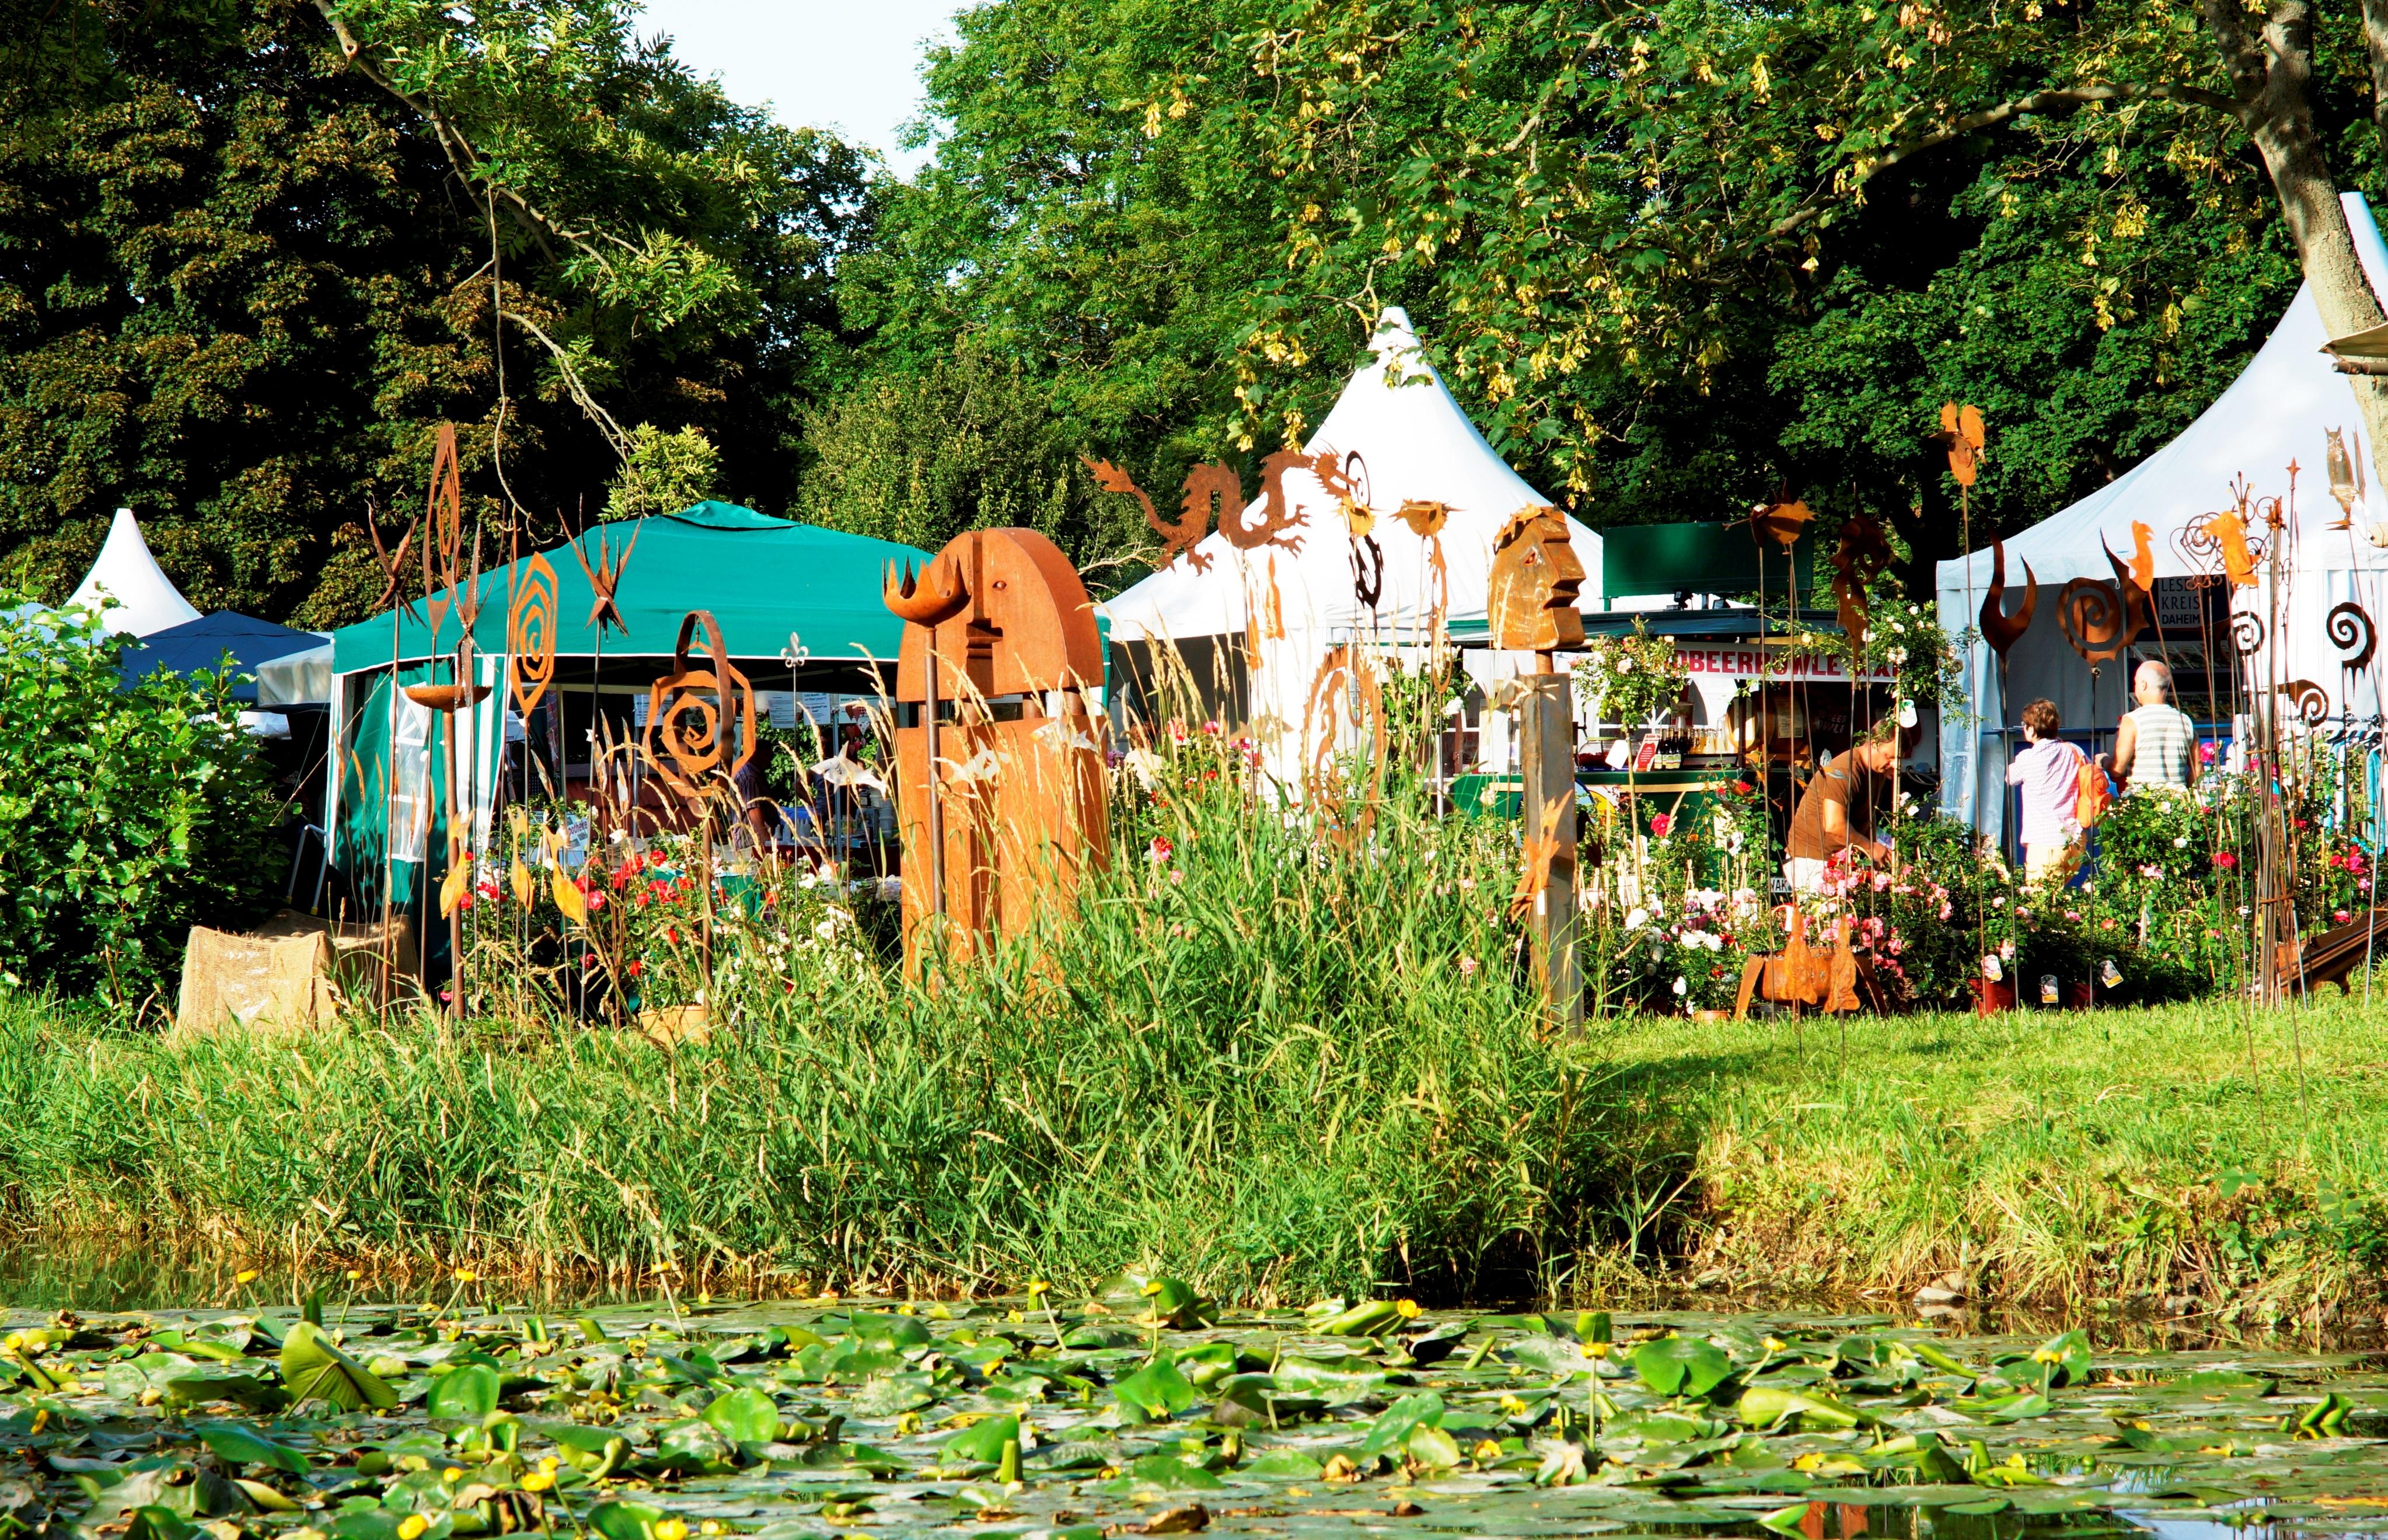 Haus mit garten  Haus- & Garten Träume Burg Ohrdruf